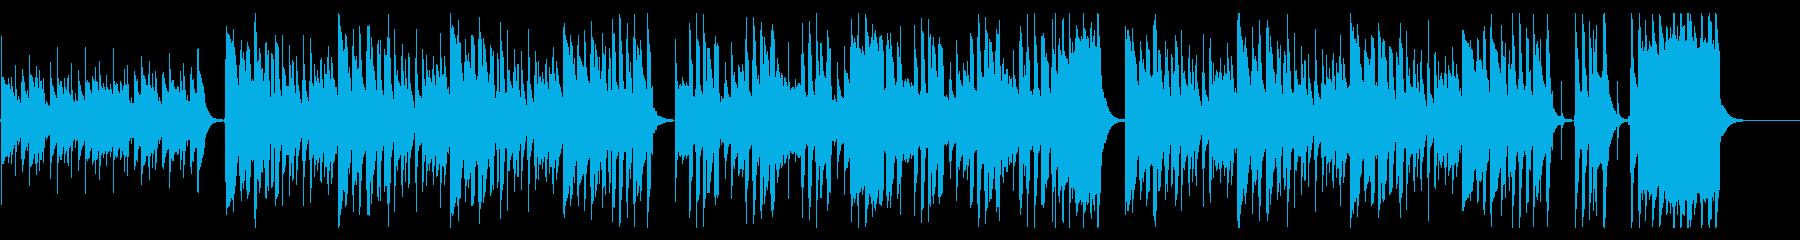 ほのぼの軽快なウクレレ・トイピアノ鍵ハモの再生済みの波形